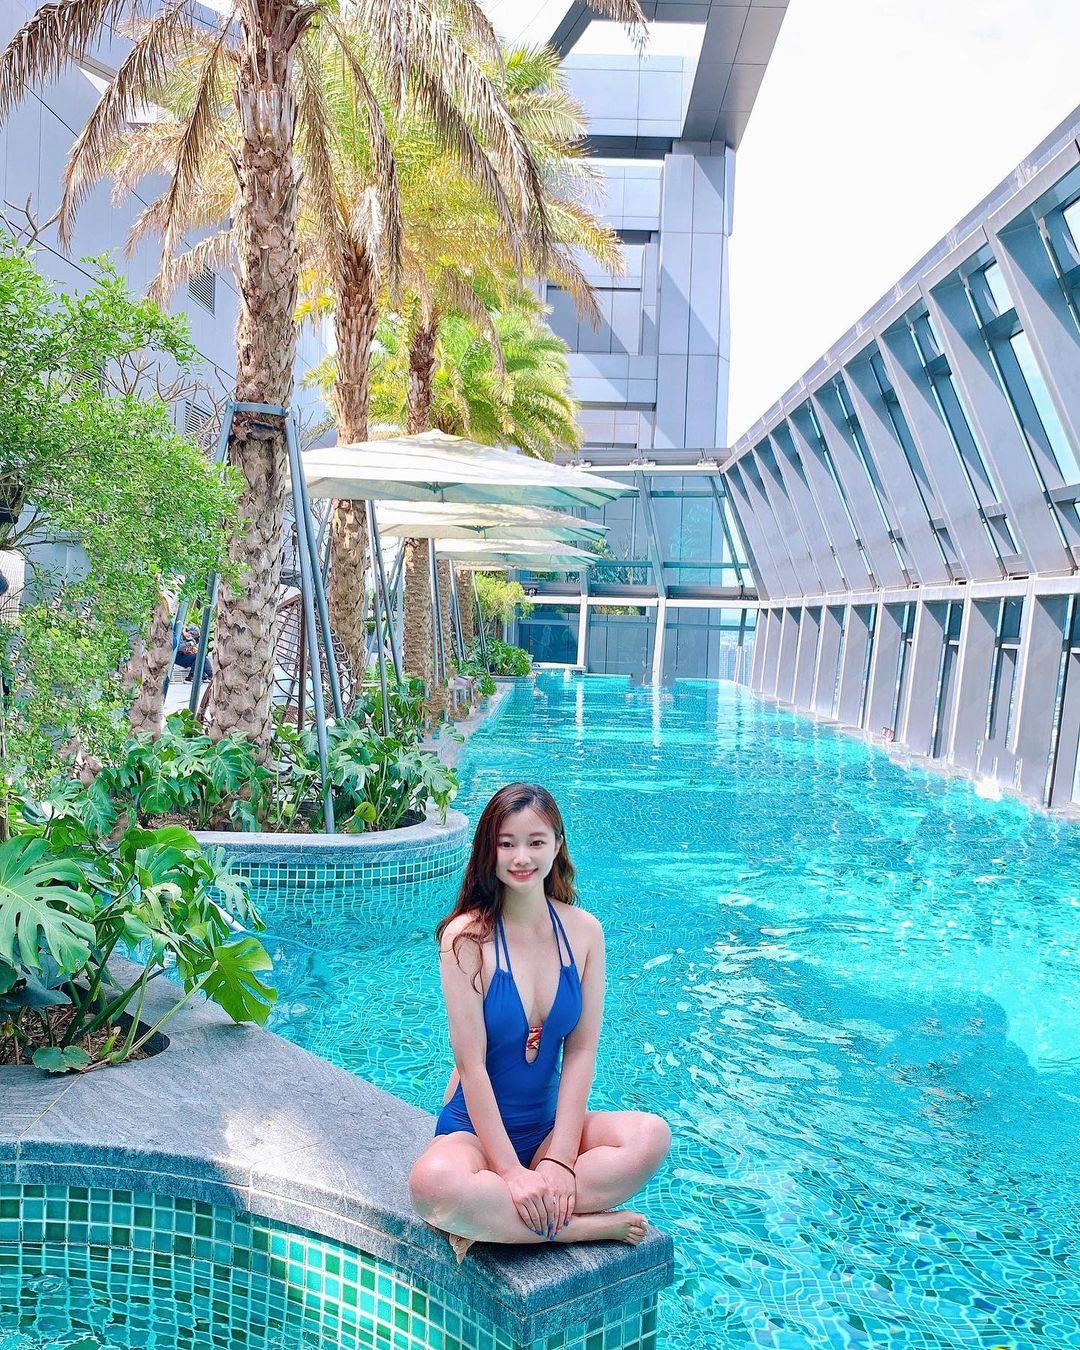 Hoshino Resorts KAI Kirishima